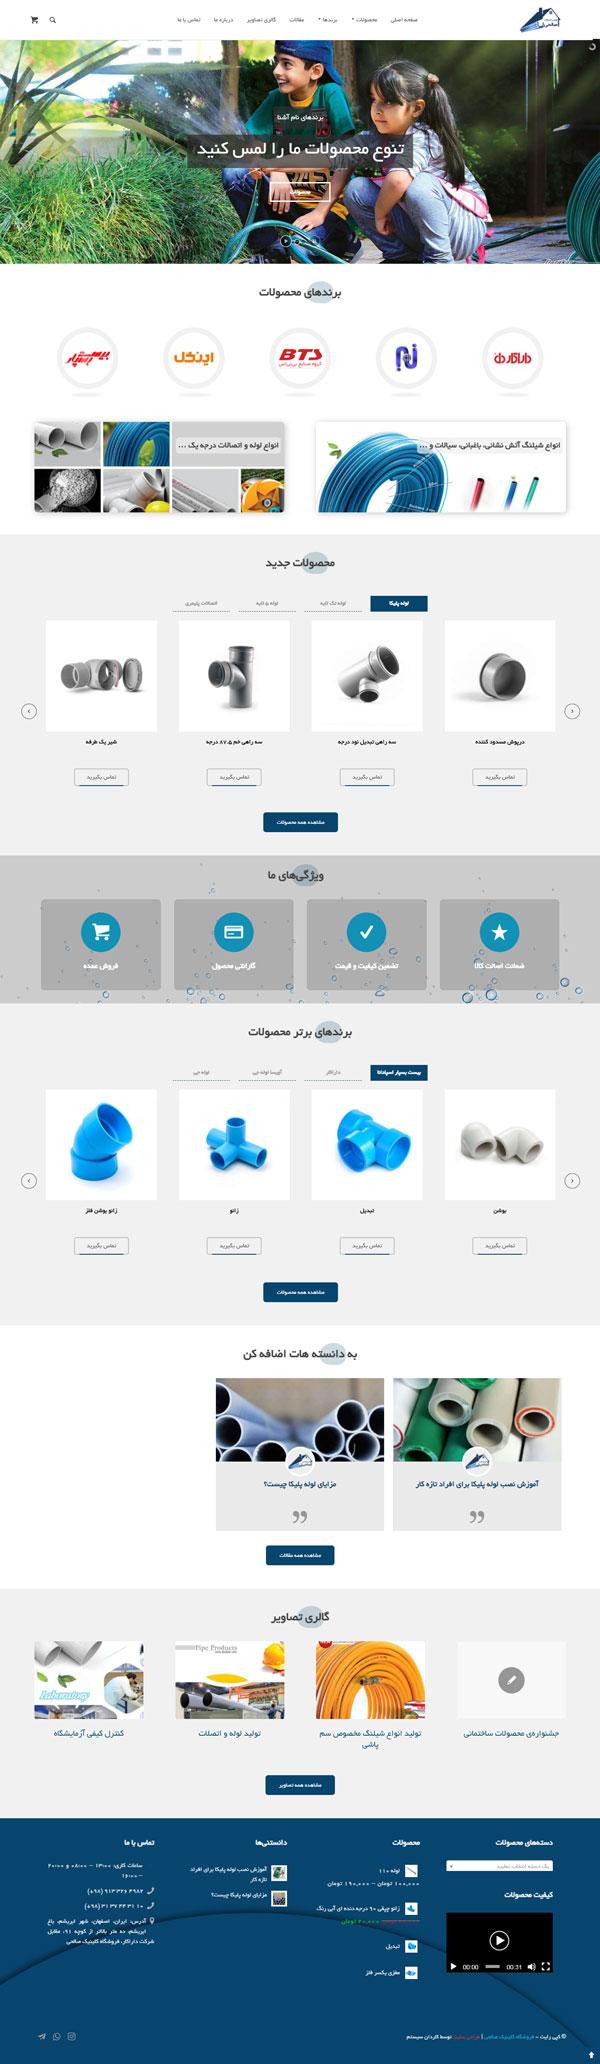 طراحی سایت کلینیک صالحی | فروشگاه کالاهای ساختمانی